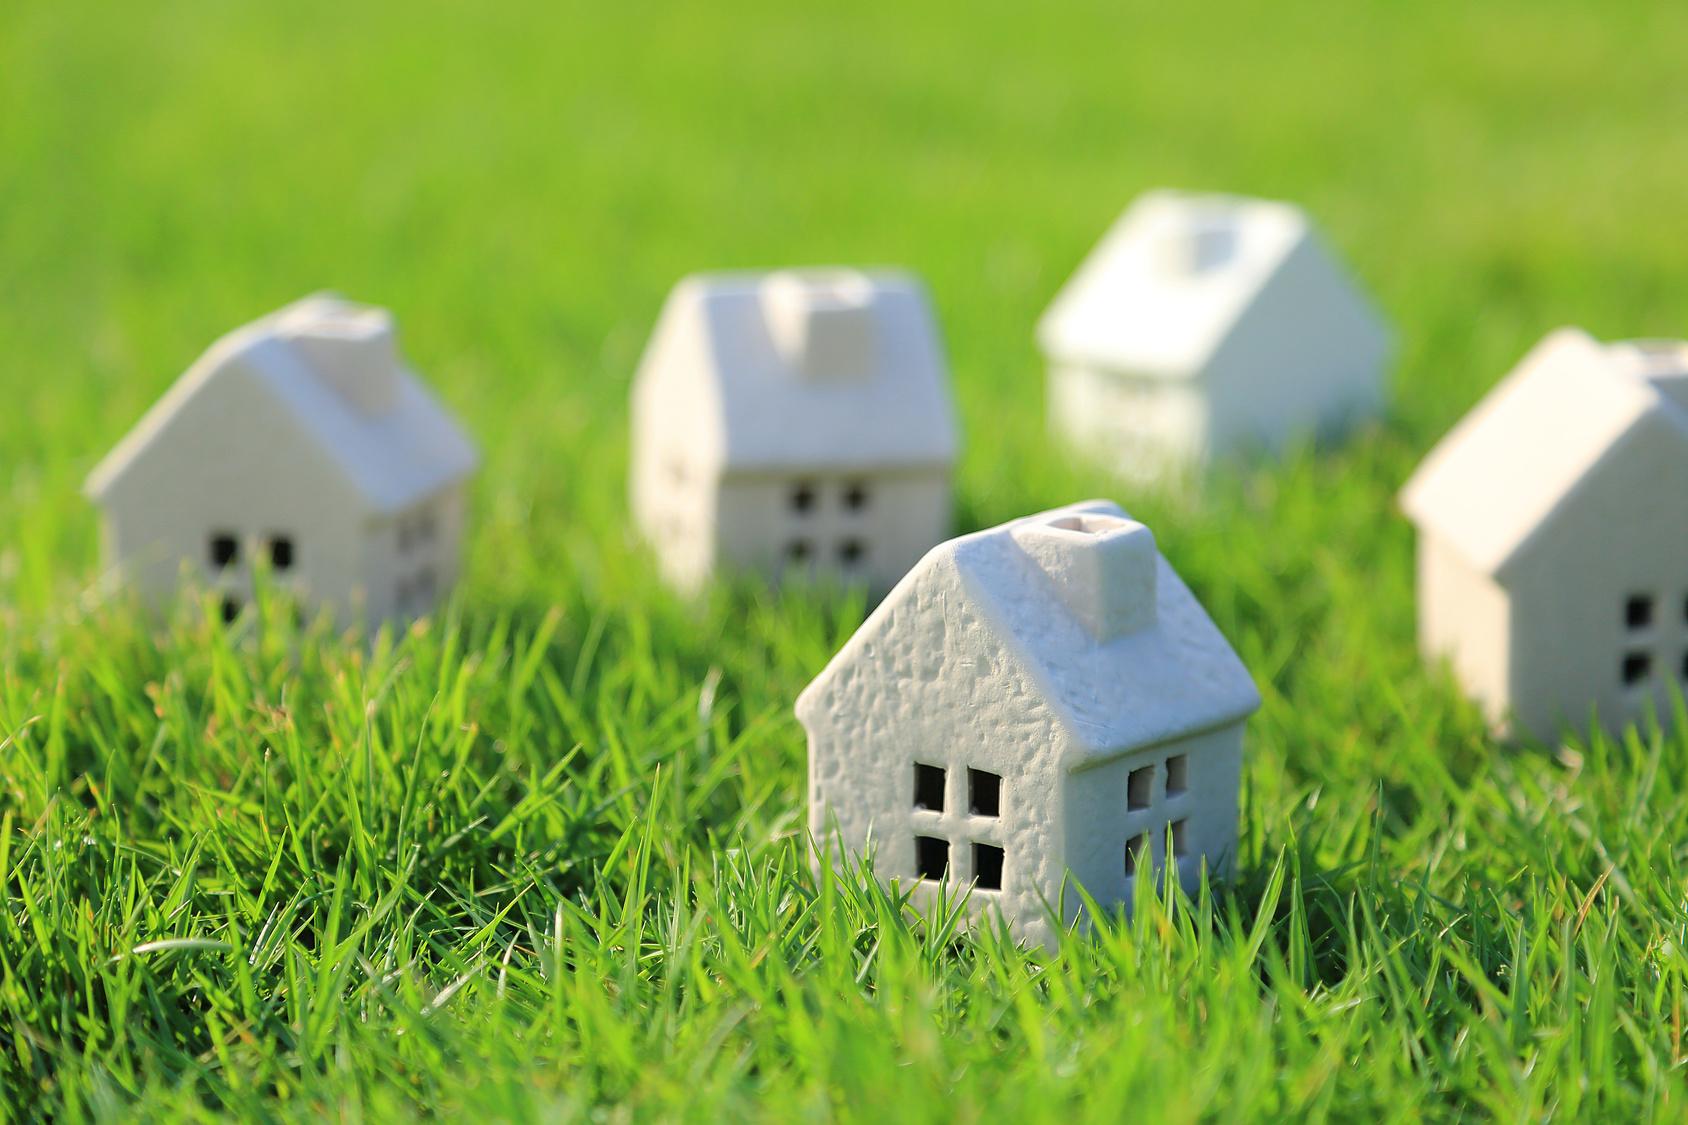 住宅の住み替えにおける全手順と基礎知識7